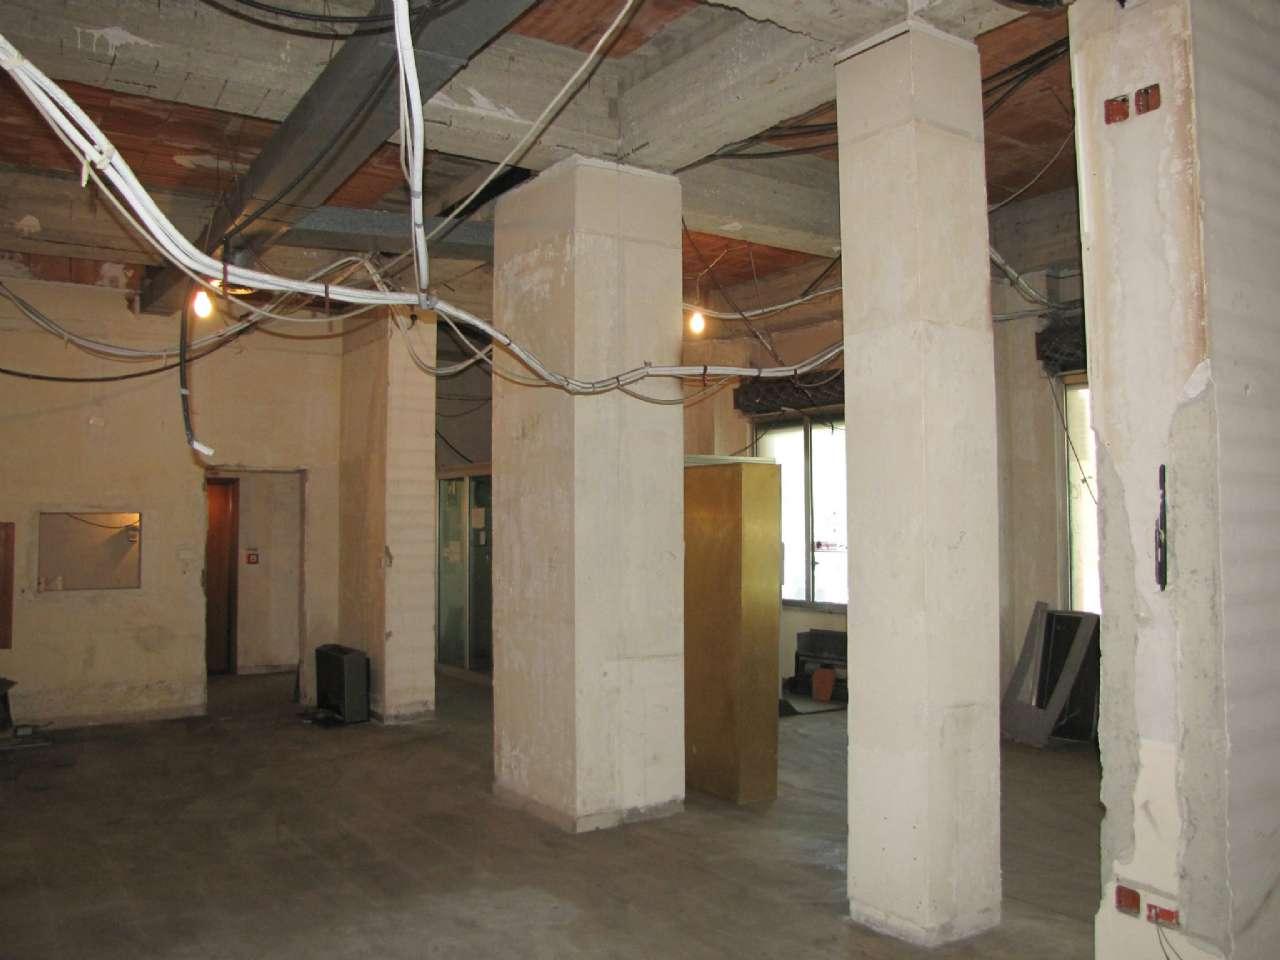 Negozio su due piani e con vetrine in zona centrale, foto 3